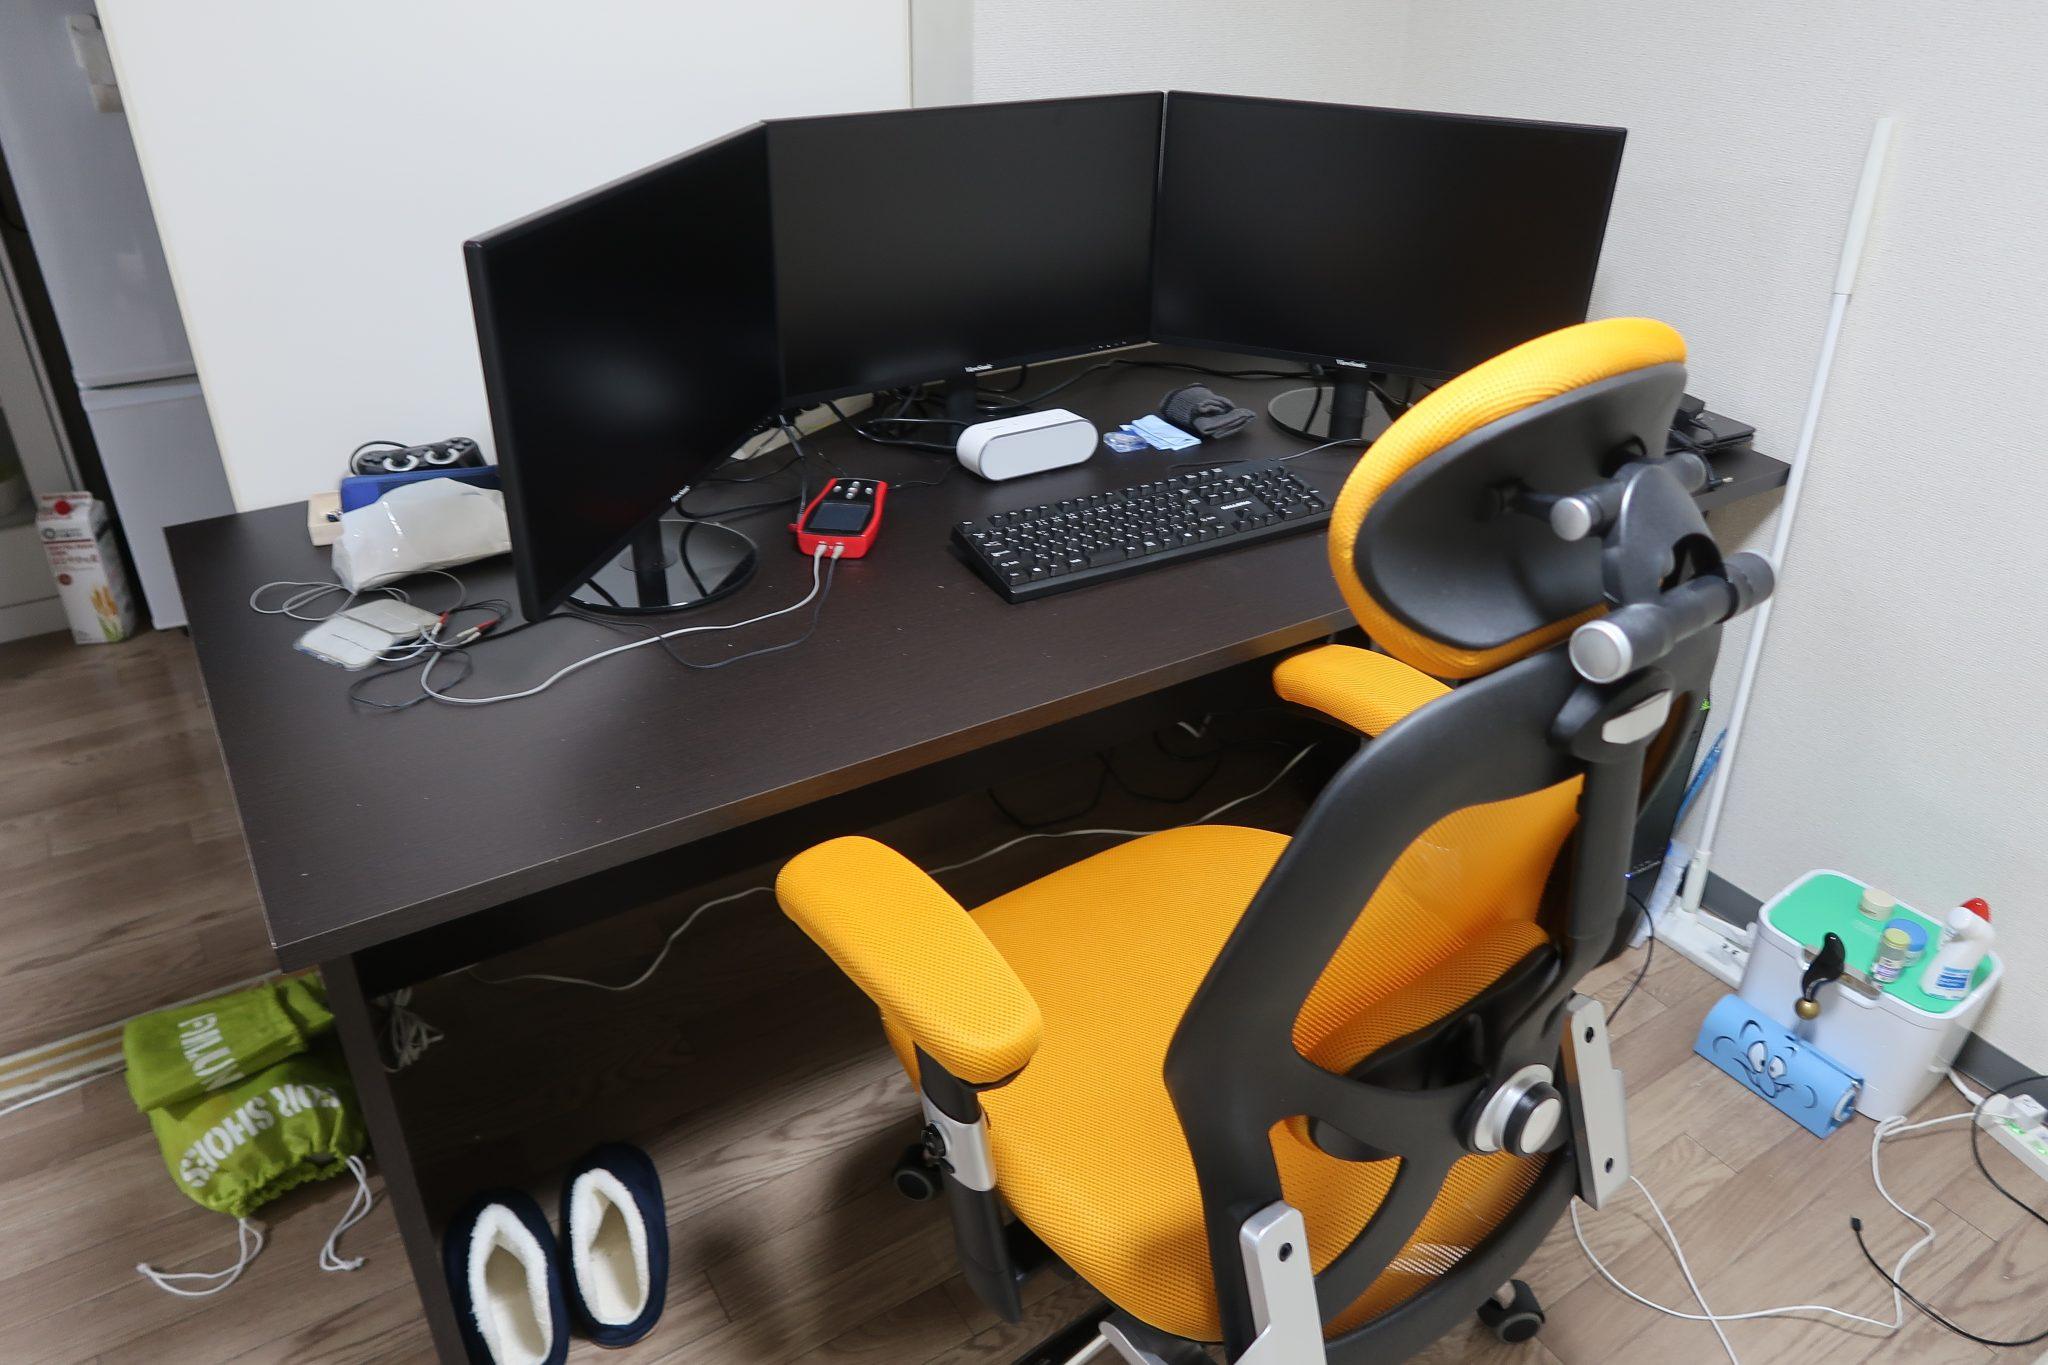 pc用のデスクと椅子をlowyaで購入して作業環境を整えました - れびゅやん